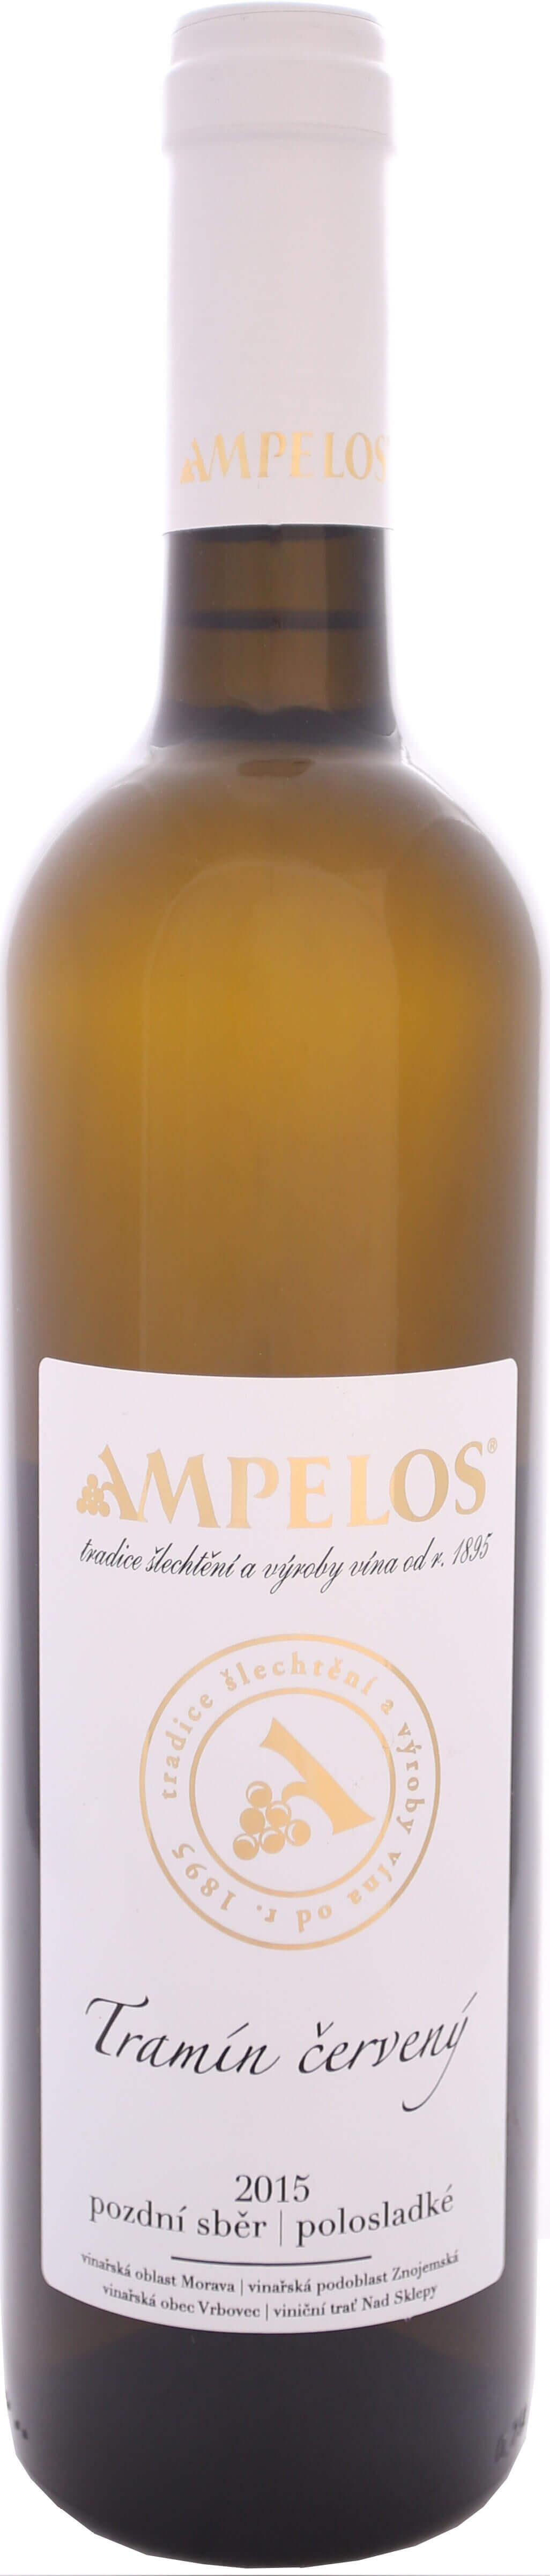 Vinařství Ampelos Tramín červený pozdní sběr 2015, 0,75 l